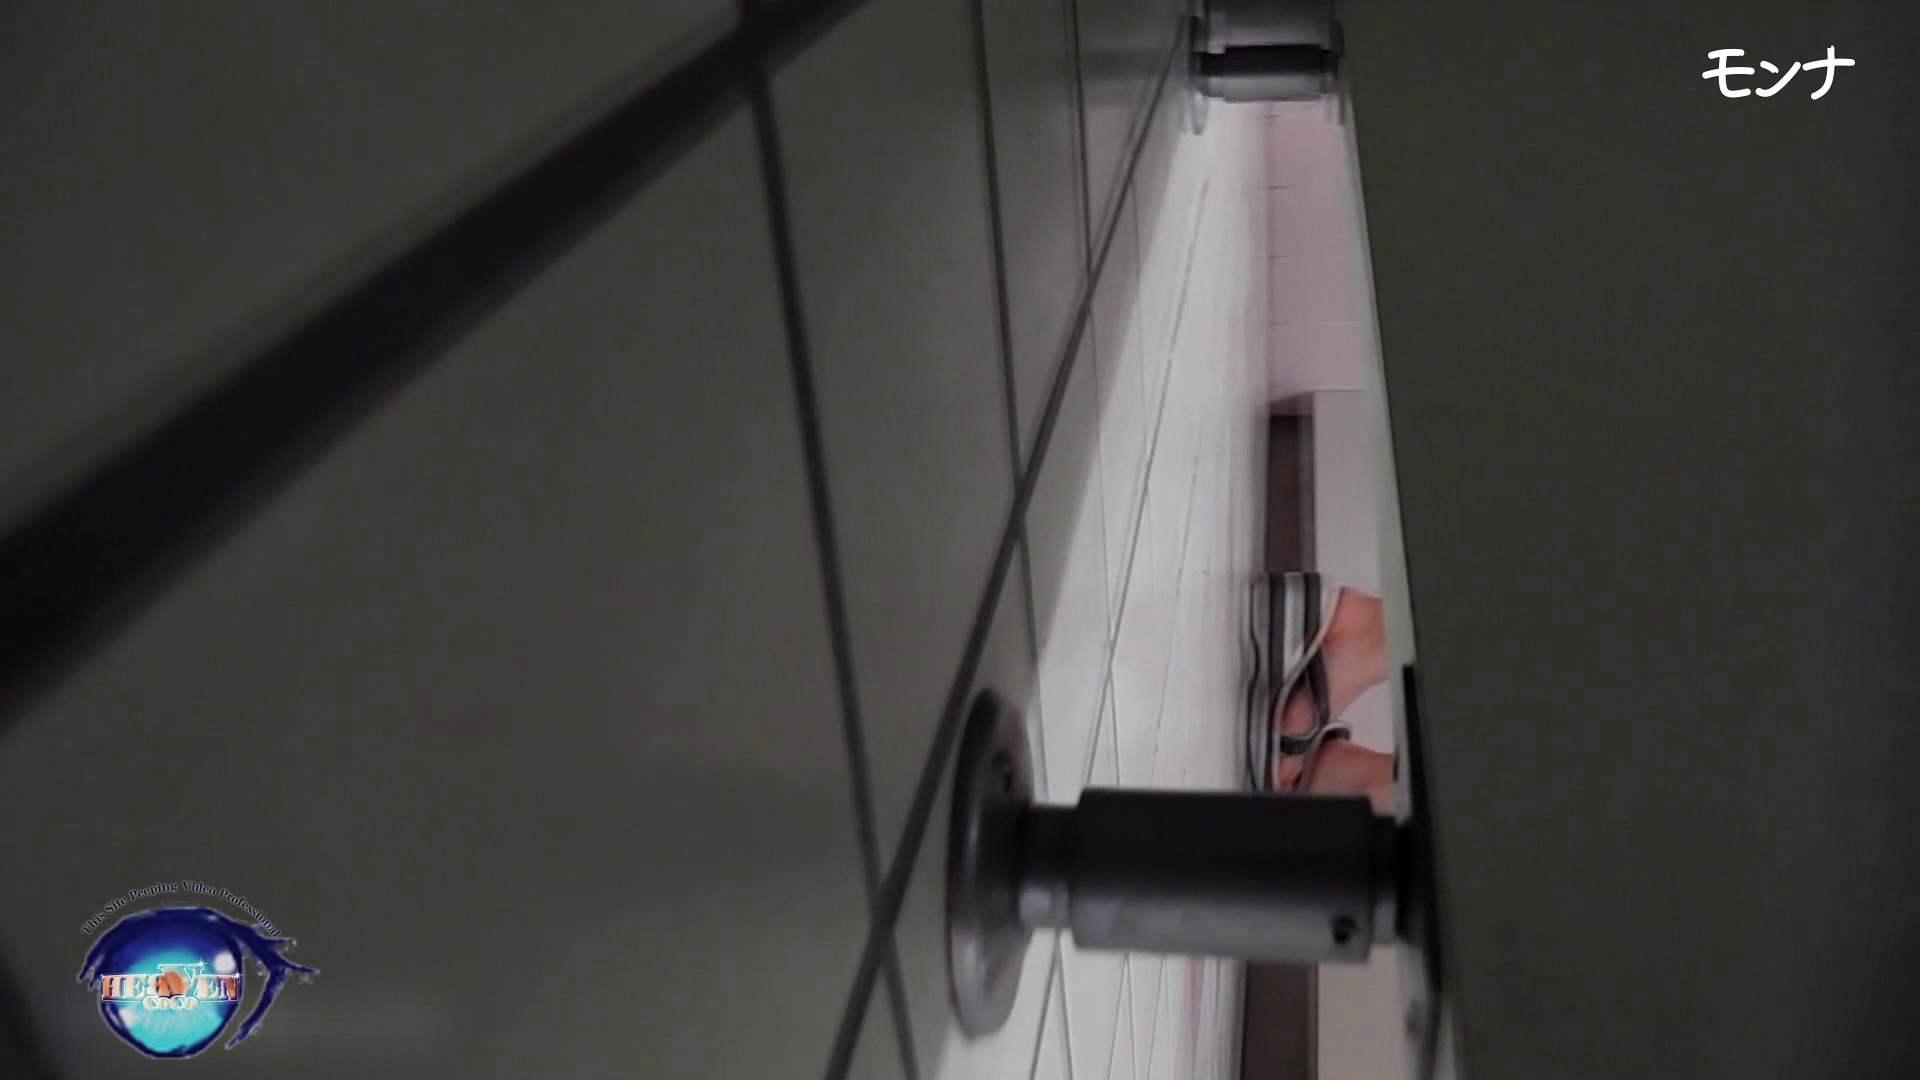 【美しい日本の未来】美しい日本の未来 No.75 たまらないくびれ 2 生え茂る オマンコ 覗きぱこり動画紹介 84連発 18